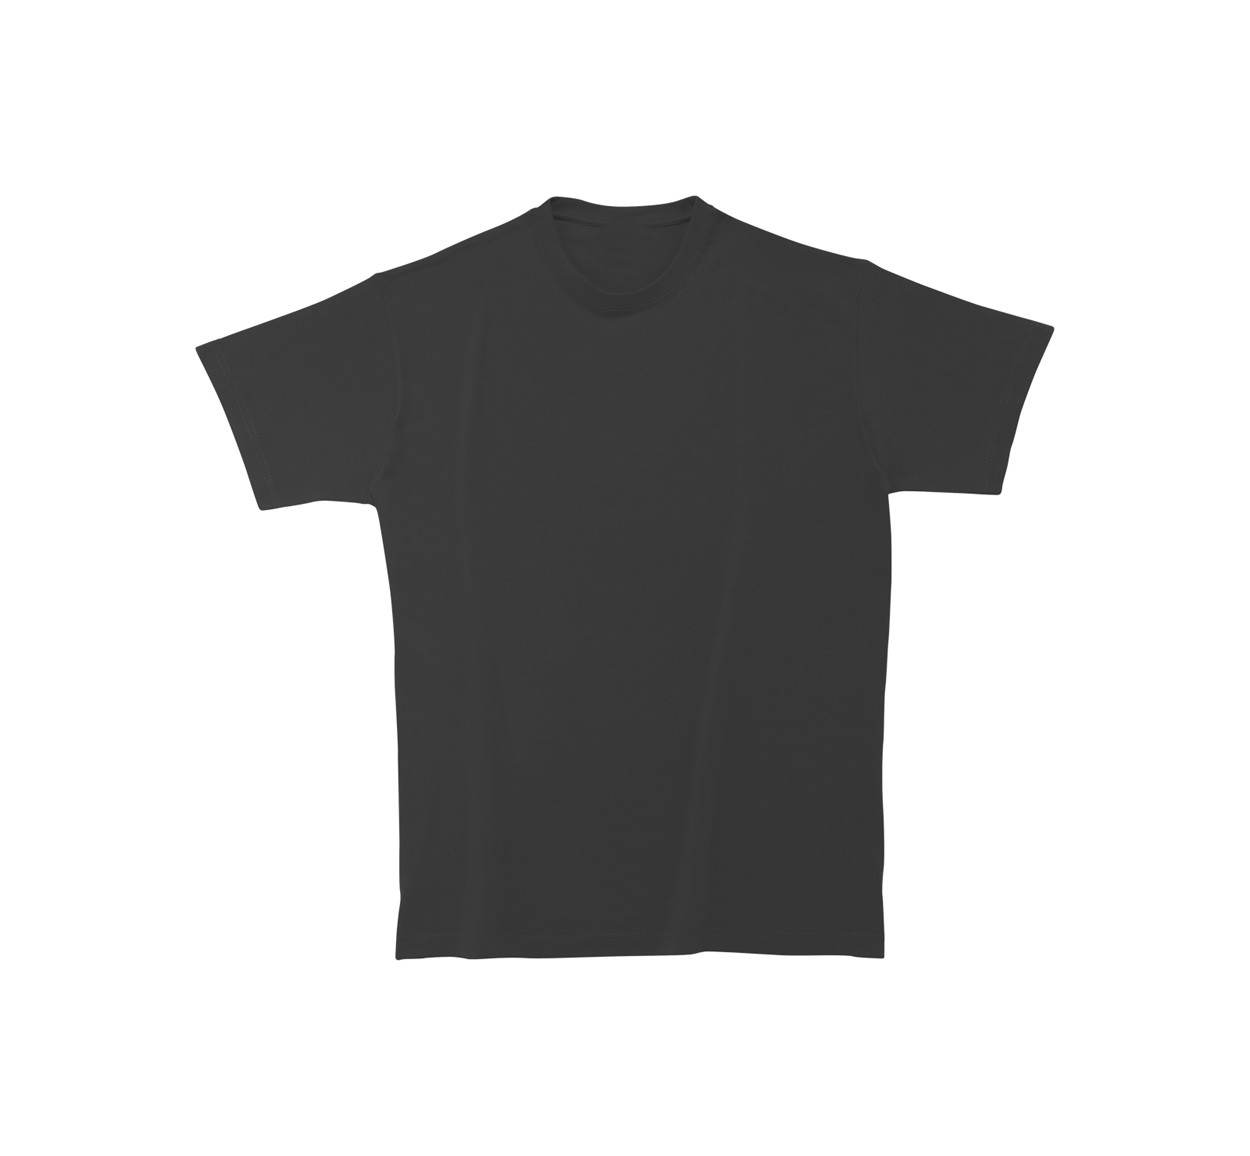 Tričko Pro Děti HC Junior - Černá / M